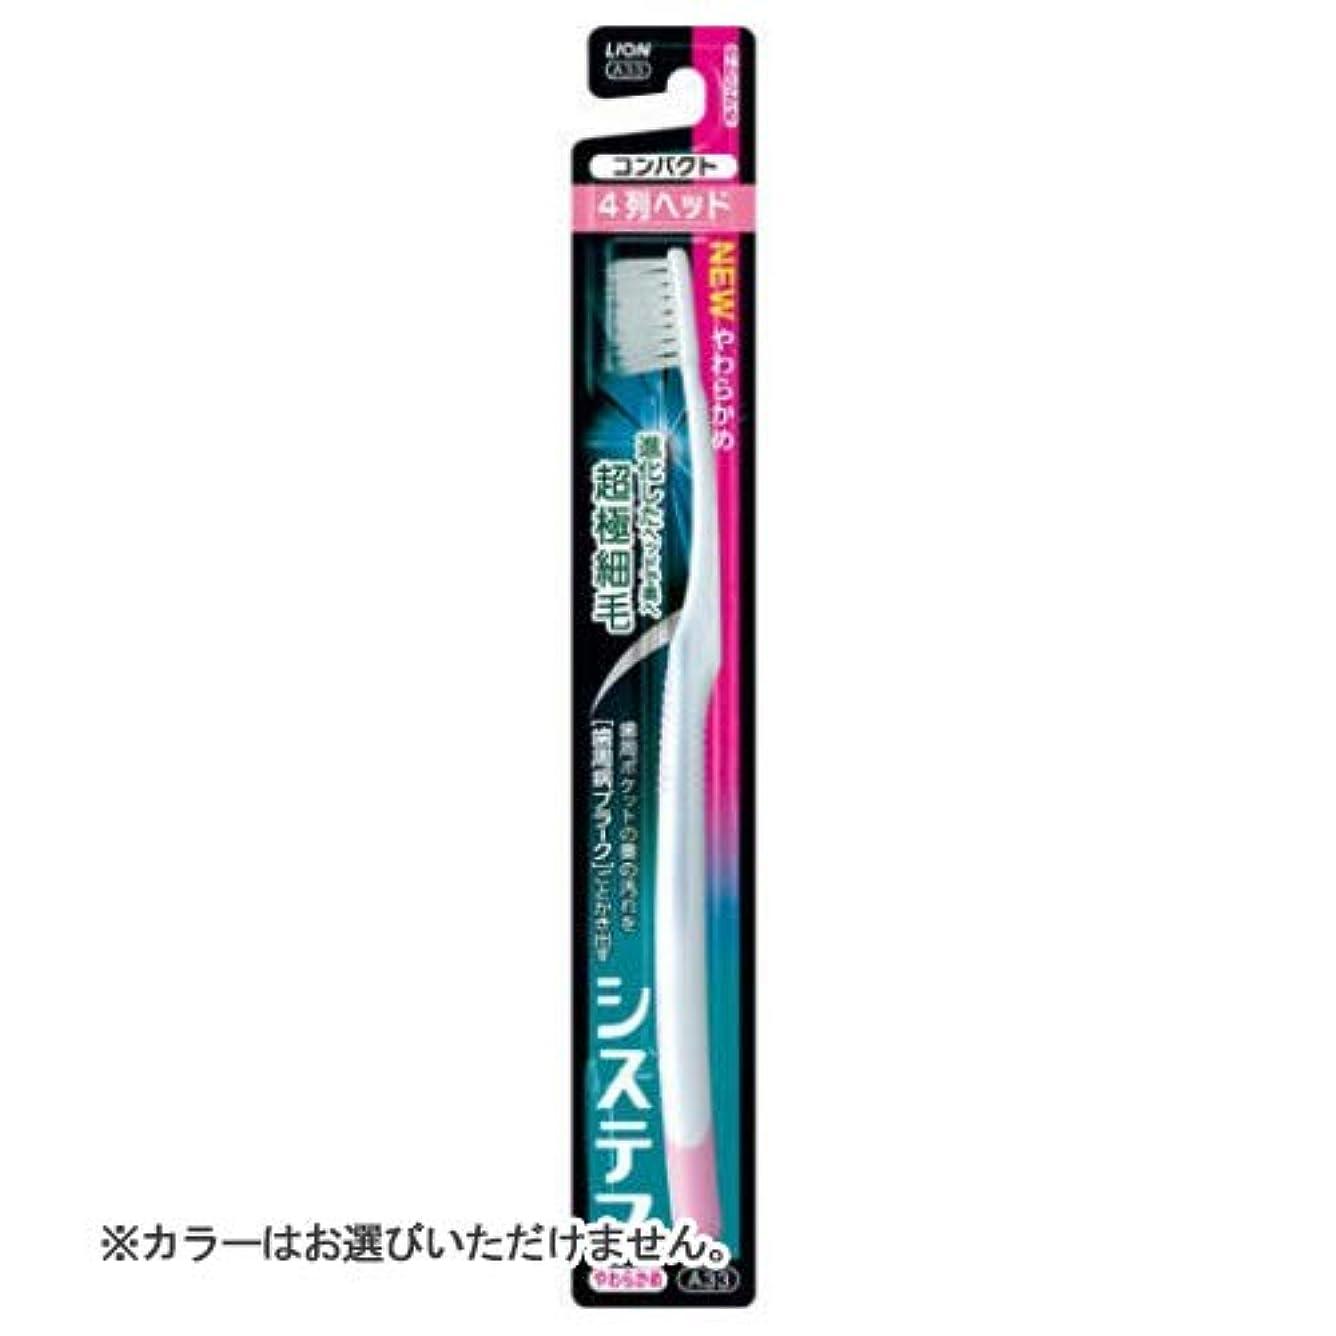 ステートメント自分の力ですべてをするペストライオン システマ ハブラシ コンパクト4列 やわらかめ (1本) 大人用 歯ブラシ